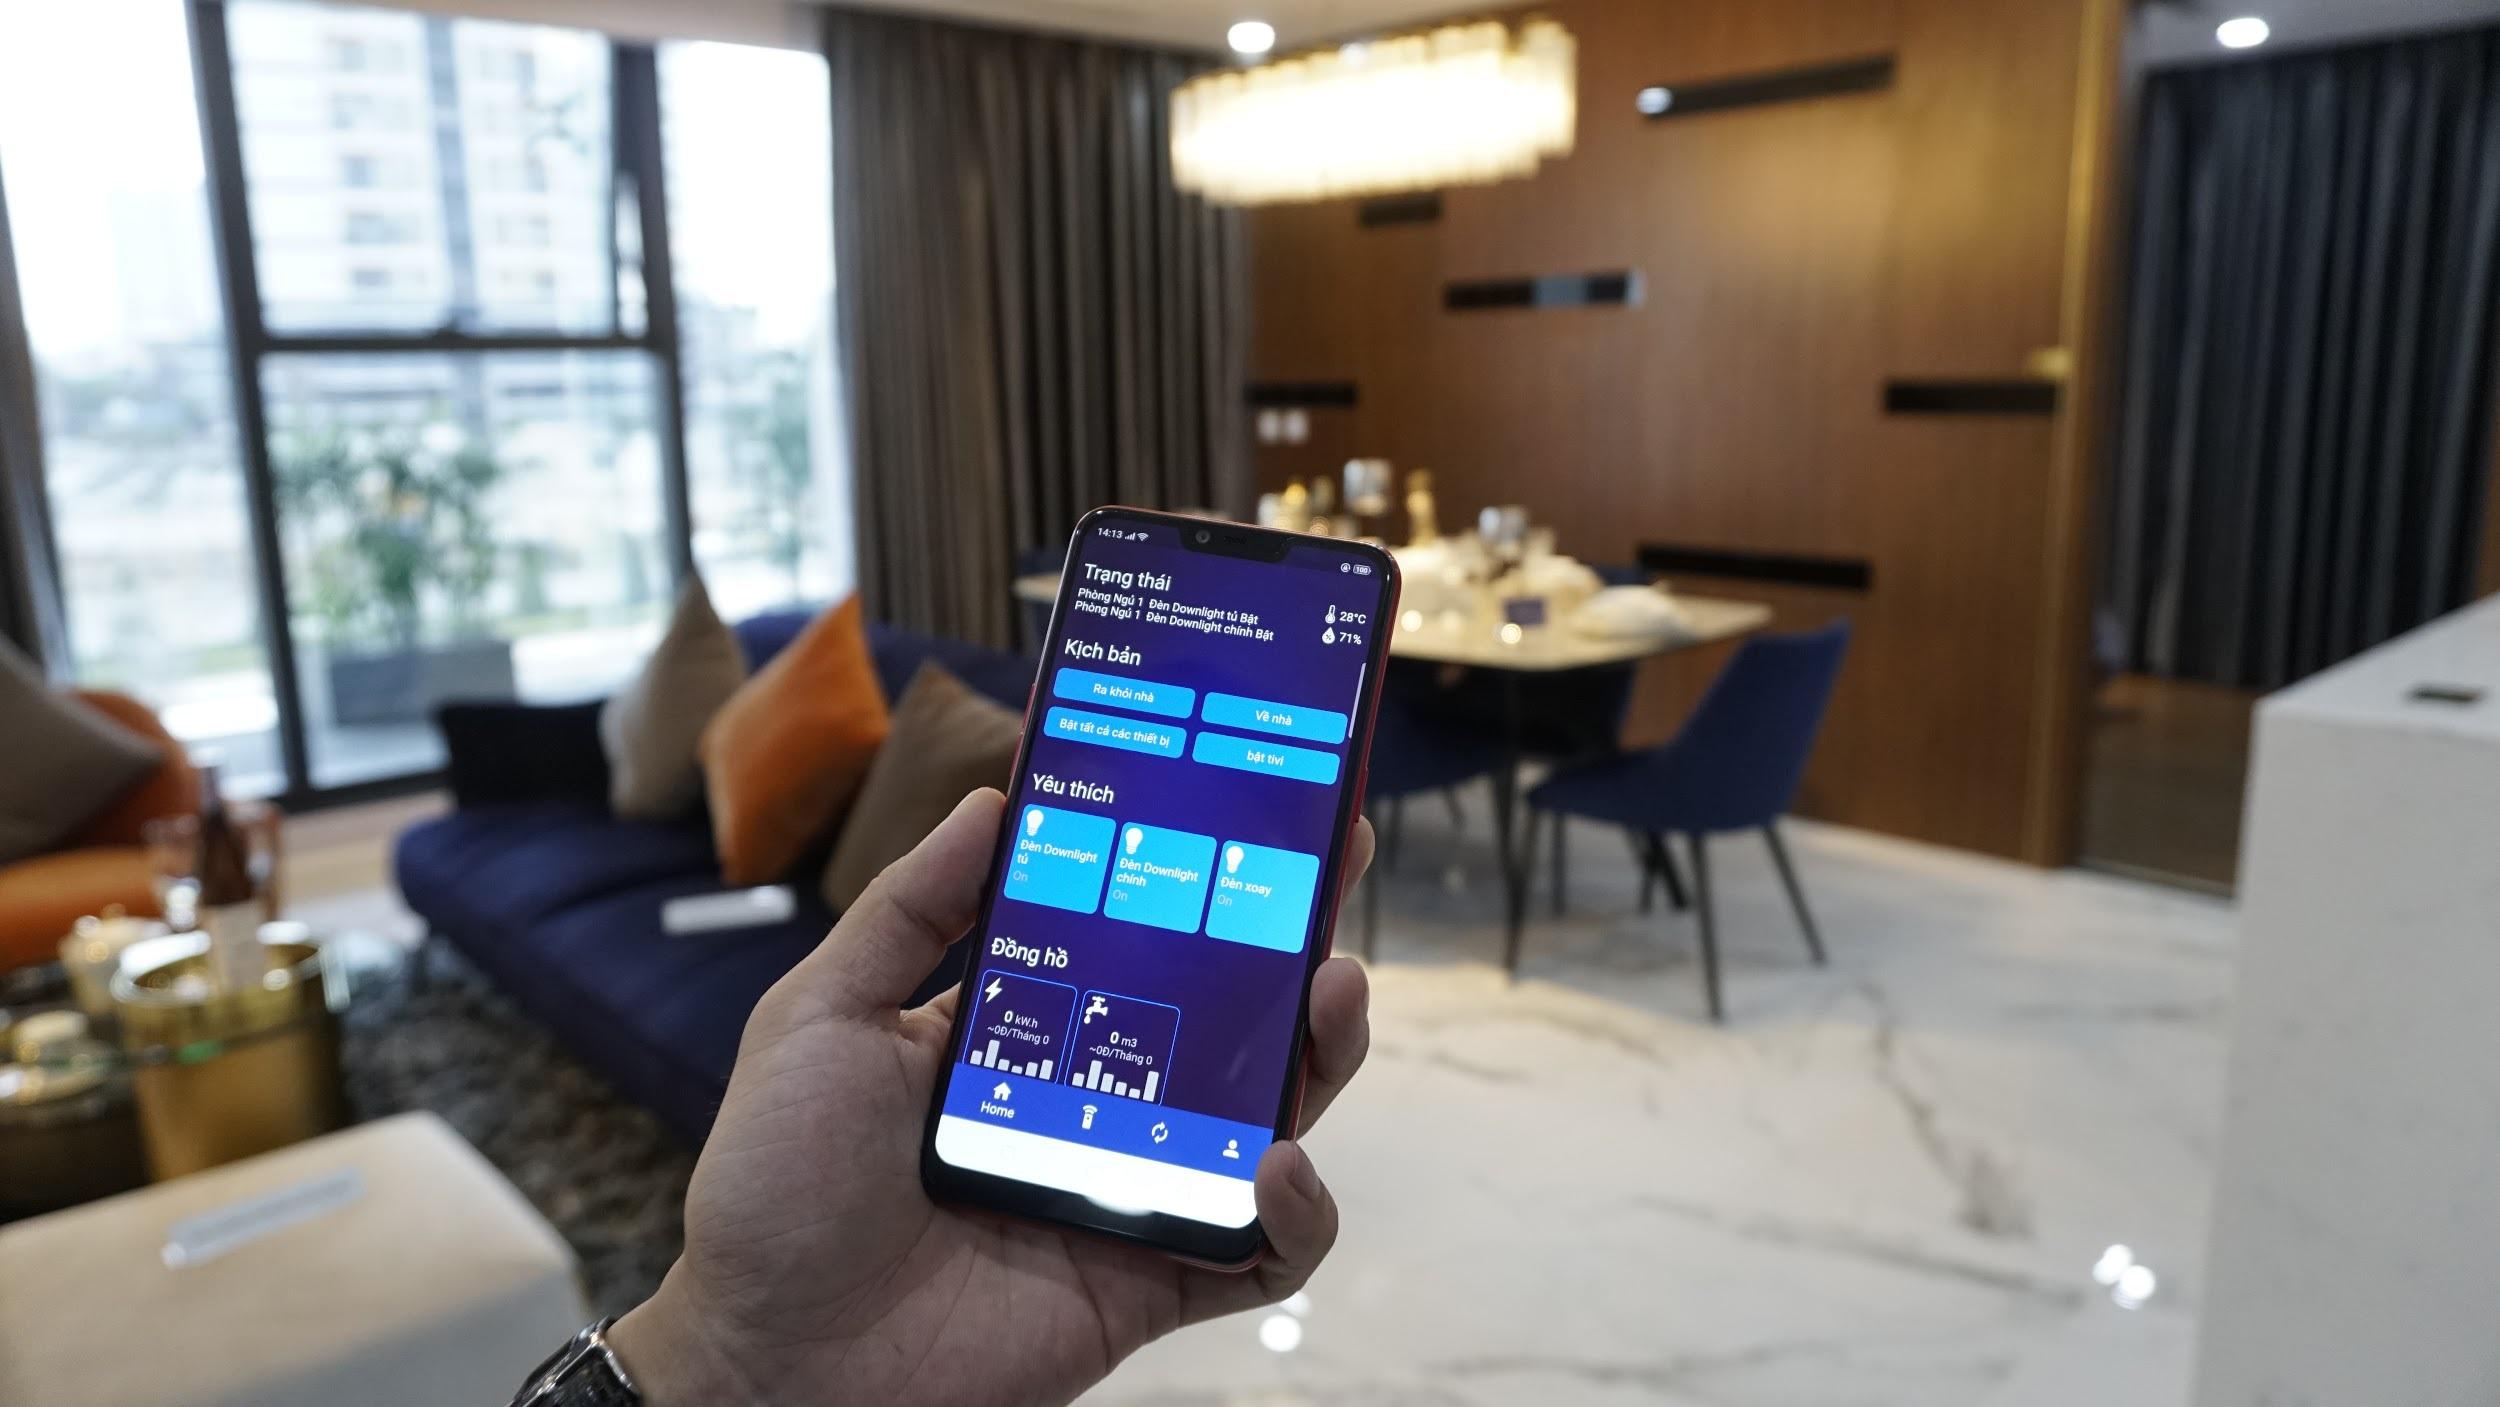 Sunshine Group, Sunshine App, Smartphone, Mua bán căn hộ qua ứng dụng, Mua bán căn hộ, Môi giới BĐS, Sales, Thị trường bất động sản, App bán hàng, Công ty môi giới BĐS